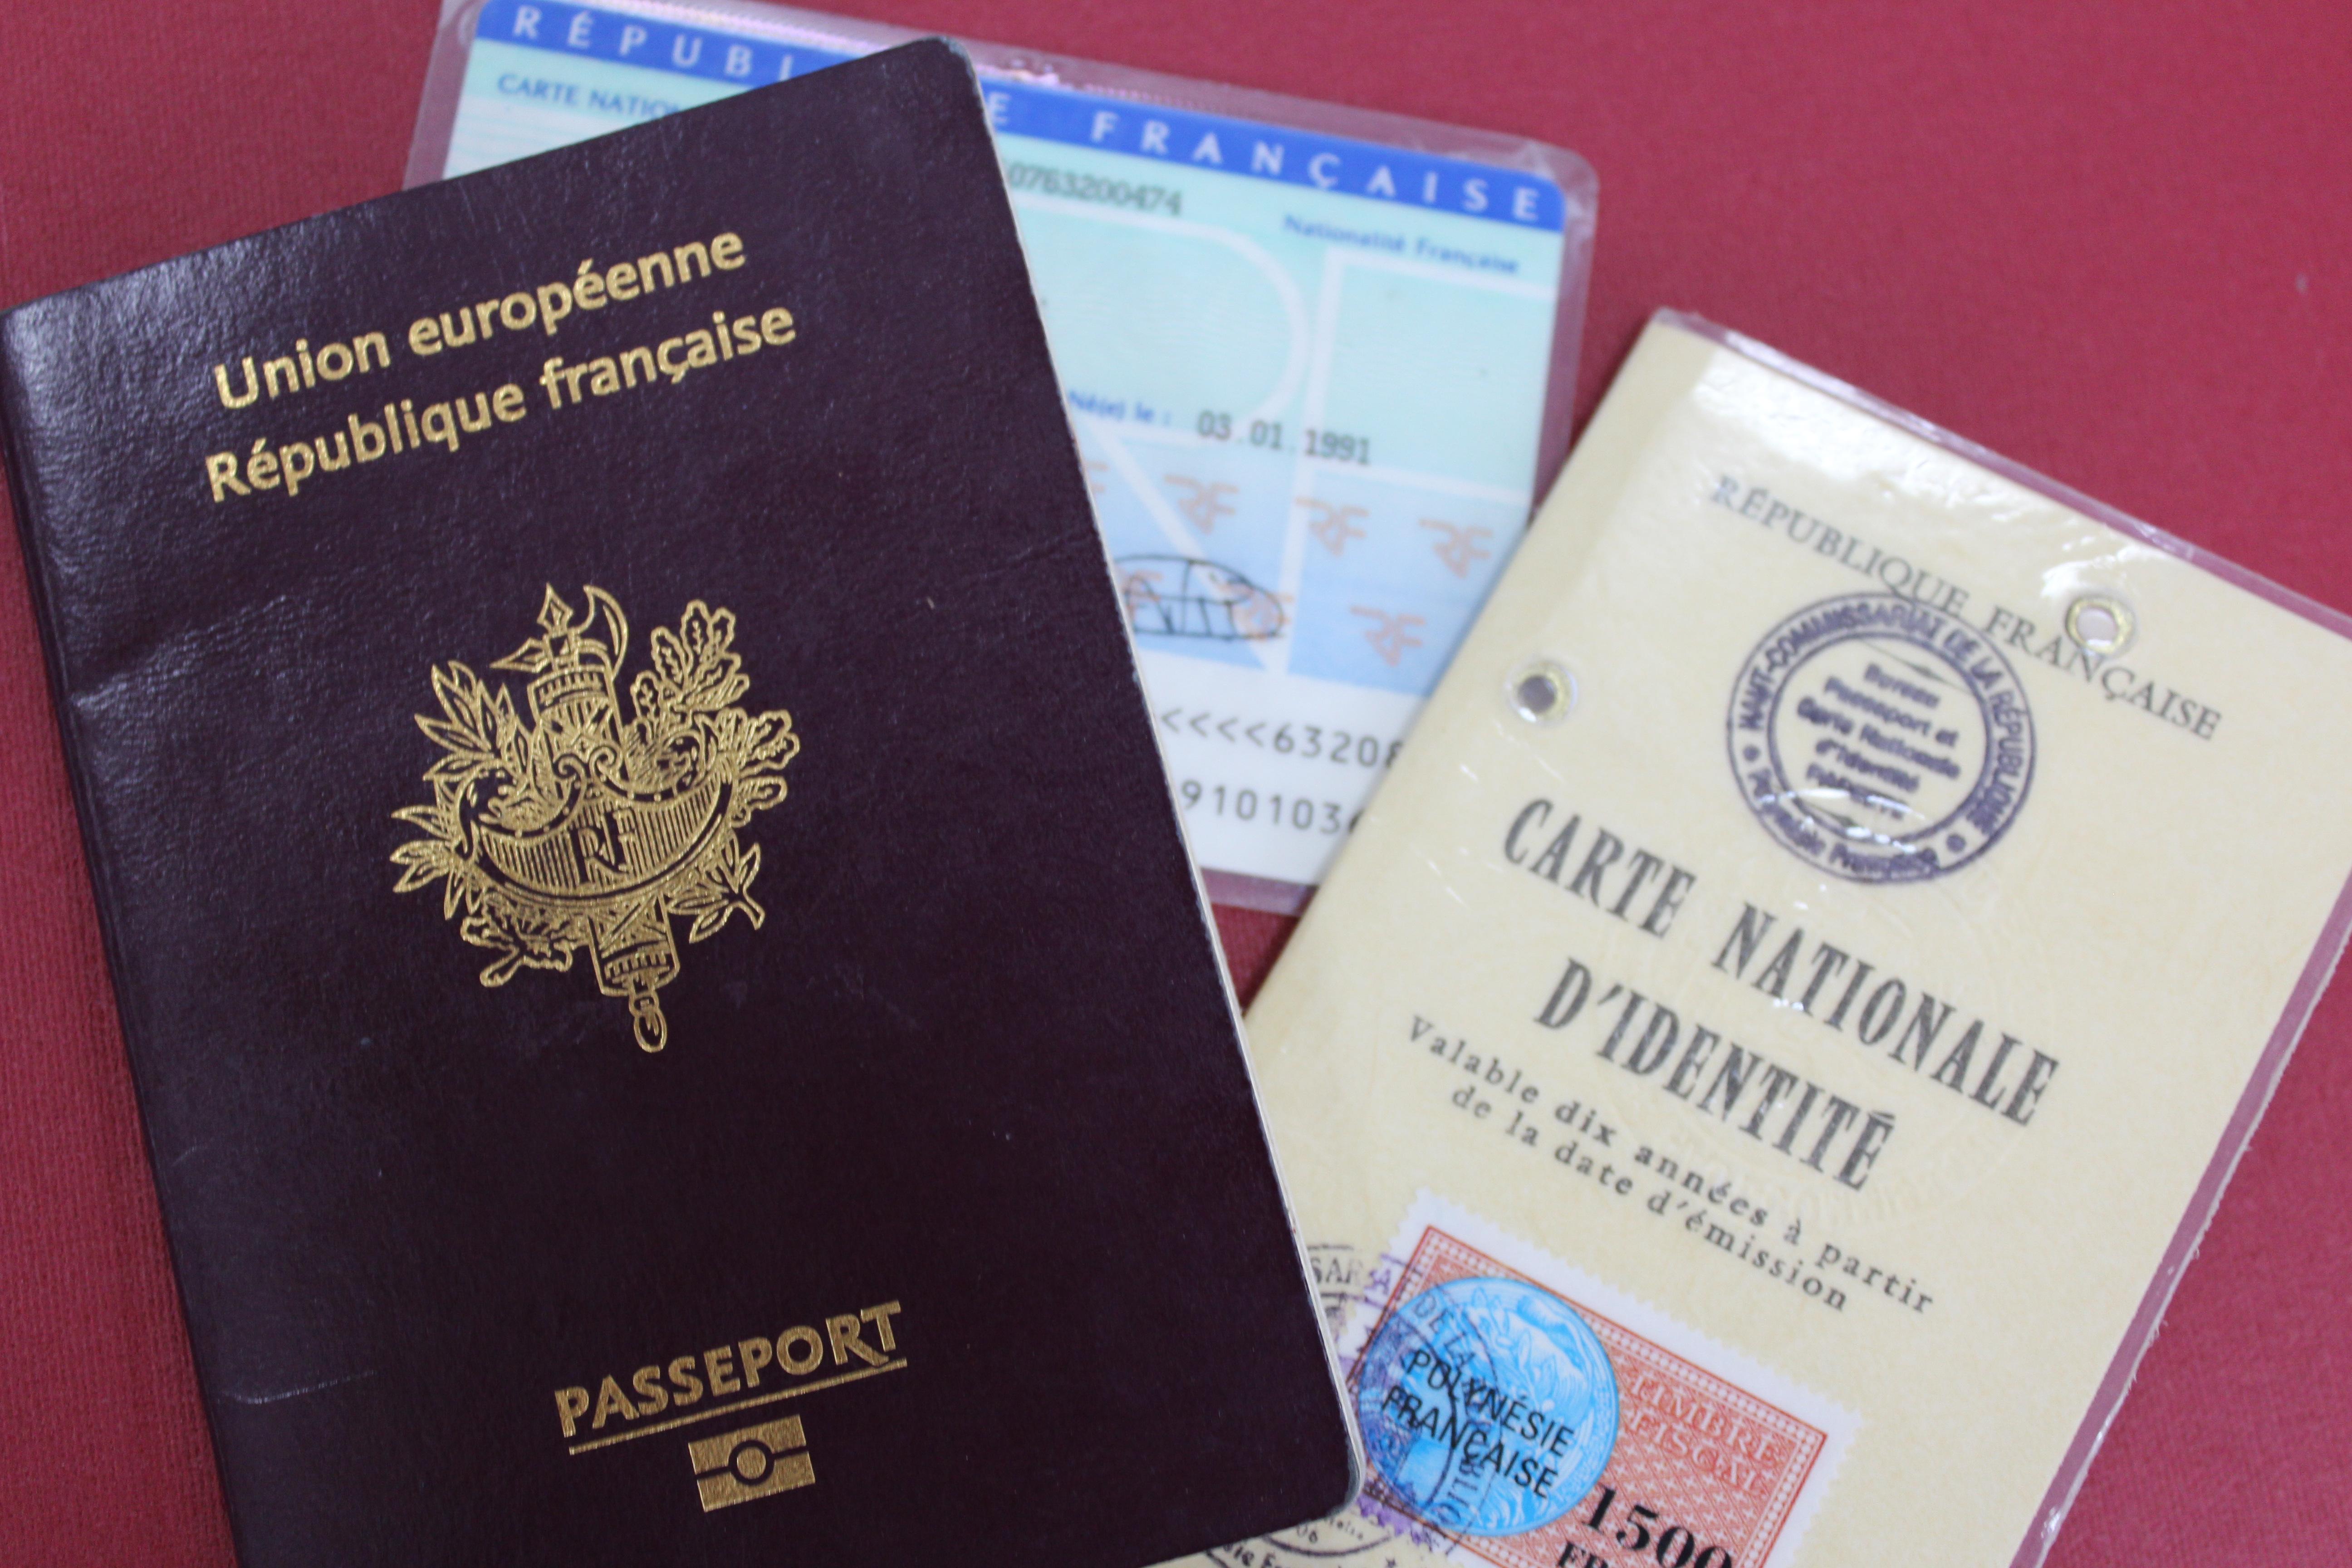 Bureau pour renouveler passeport renouvellement de carte d